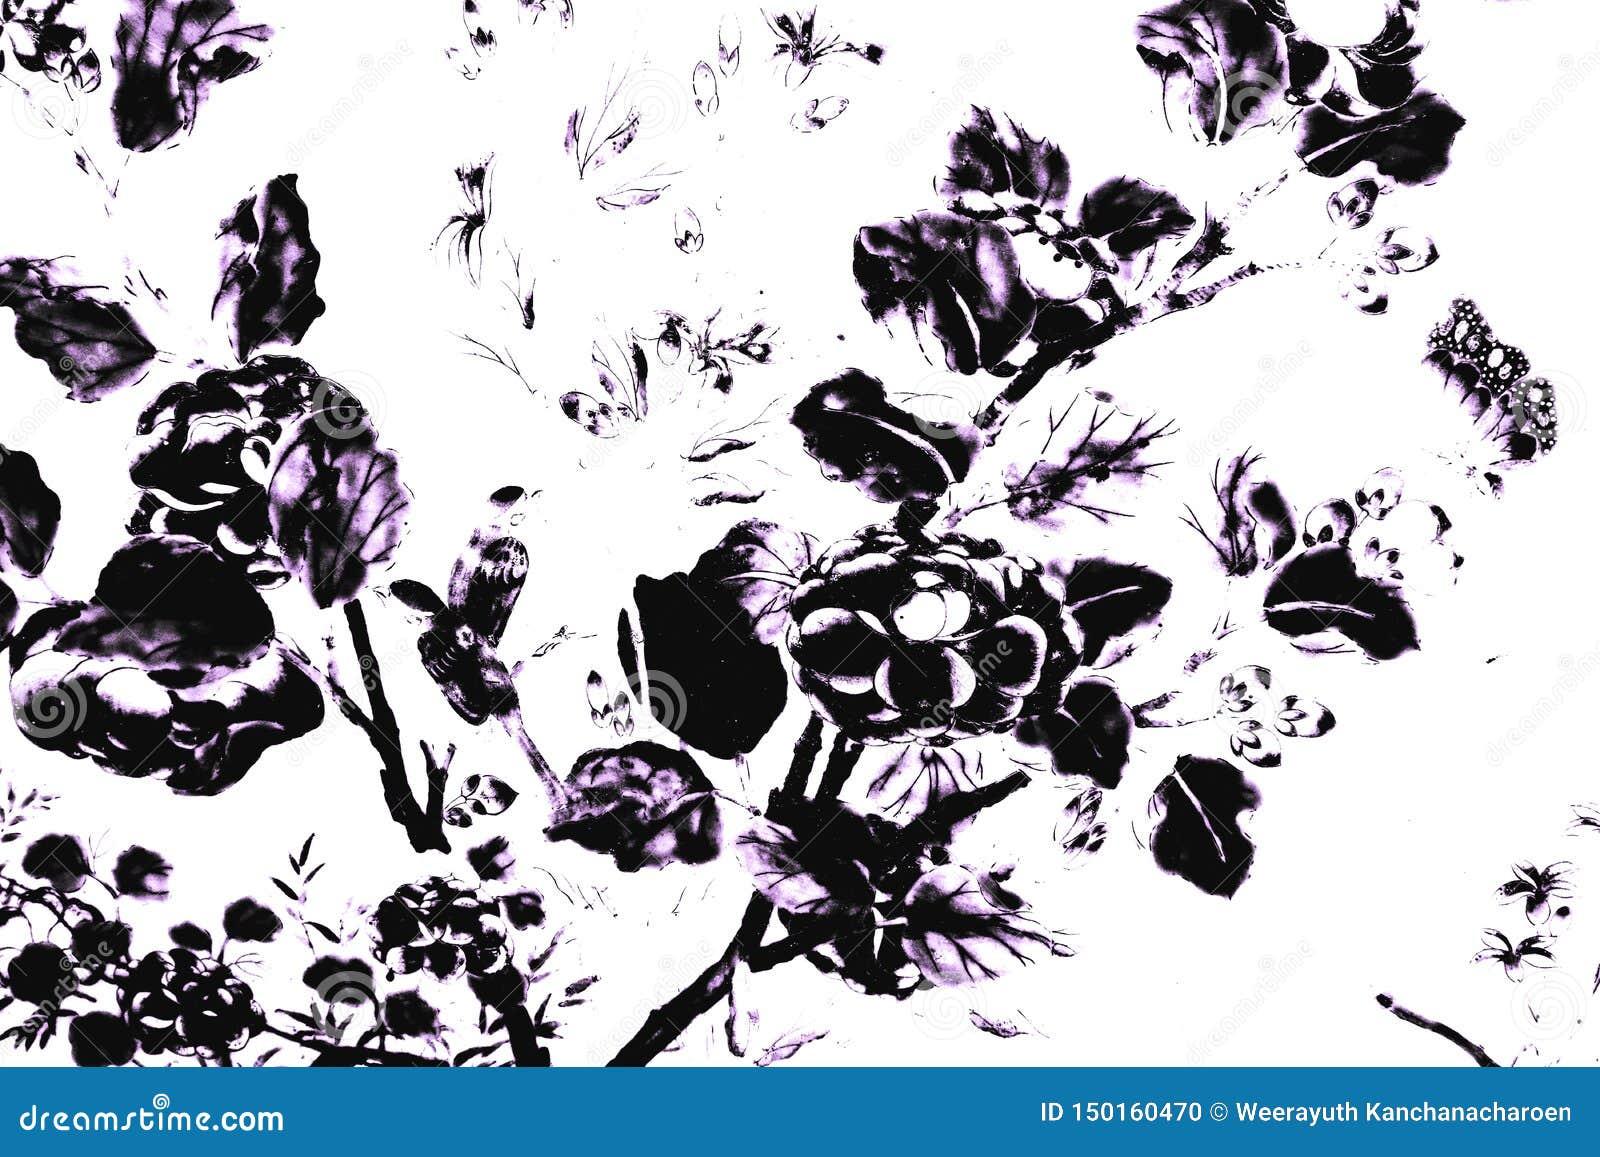 De mooie abstracte zwart-witte textuur de de boombladeren en vogels op witte muur isoleerde patroonachtergrond en behang